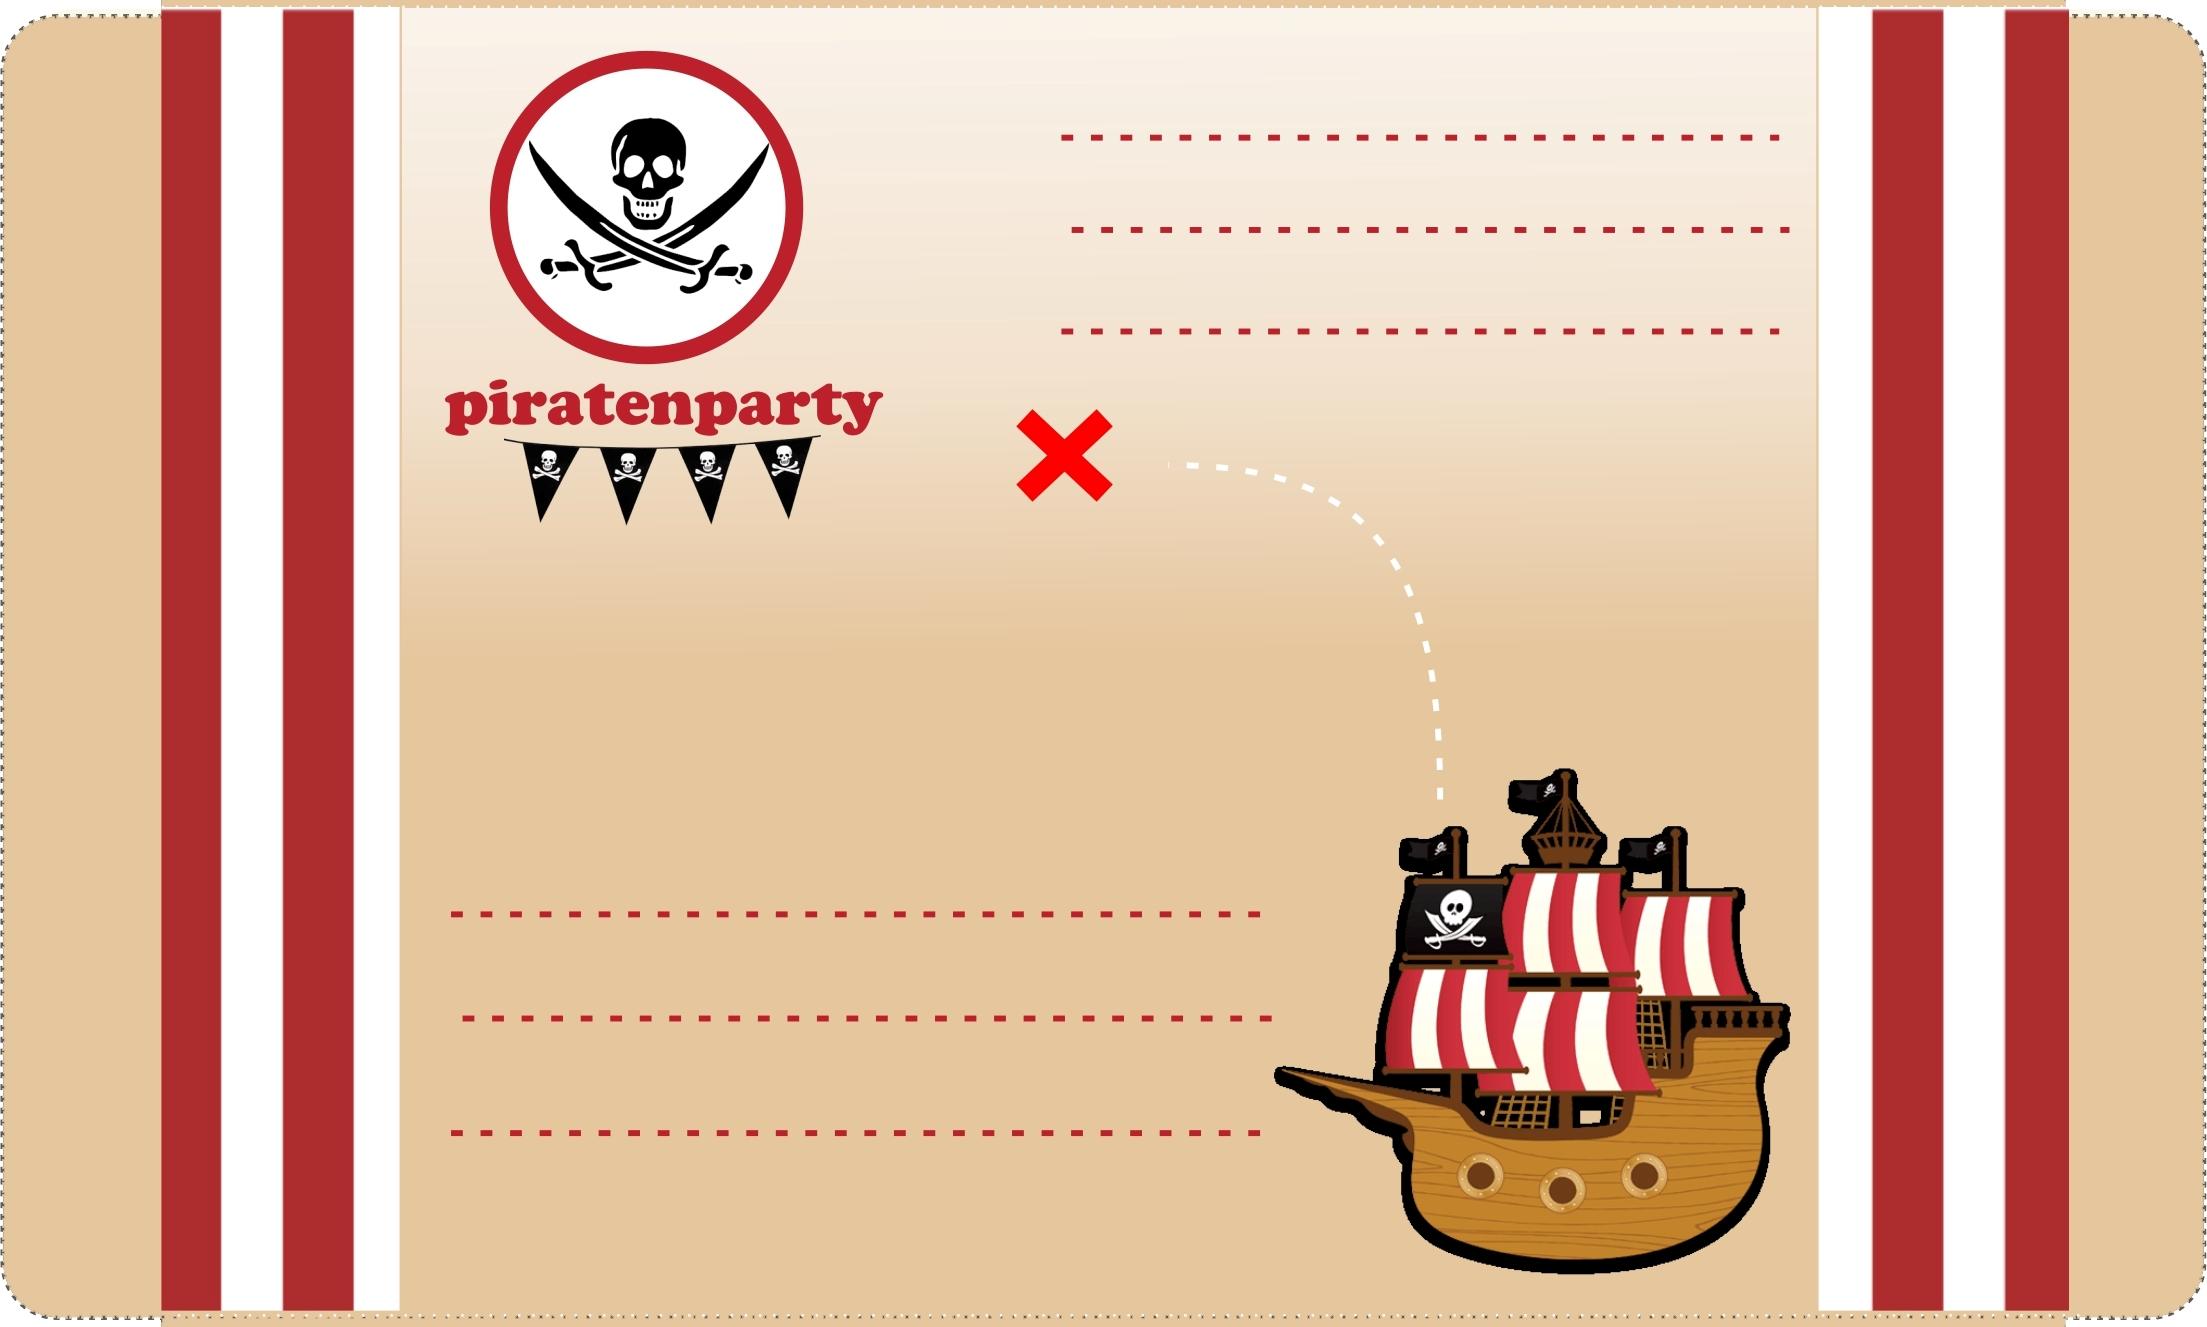 piratenparty-umschlag-schatzsuche-schnitzeljagd-partyzubehoer-kostenlos